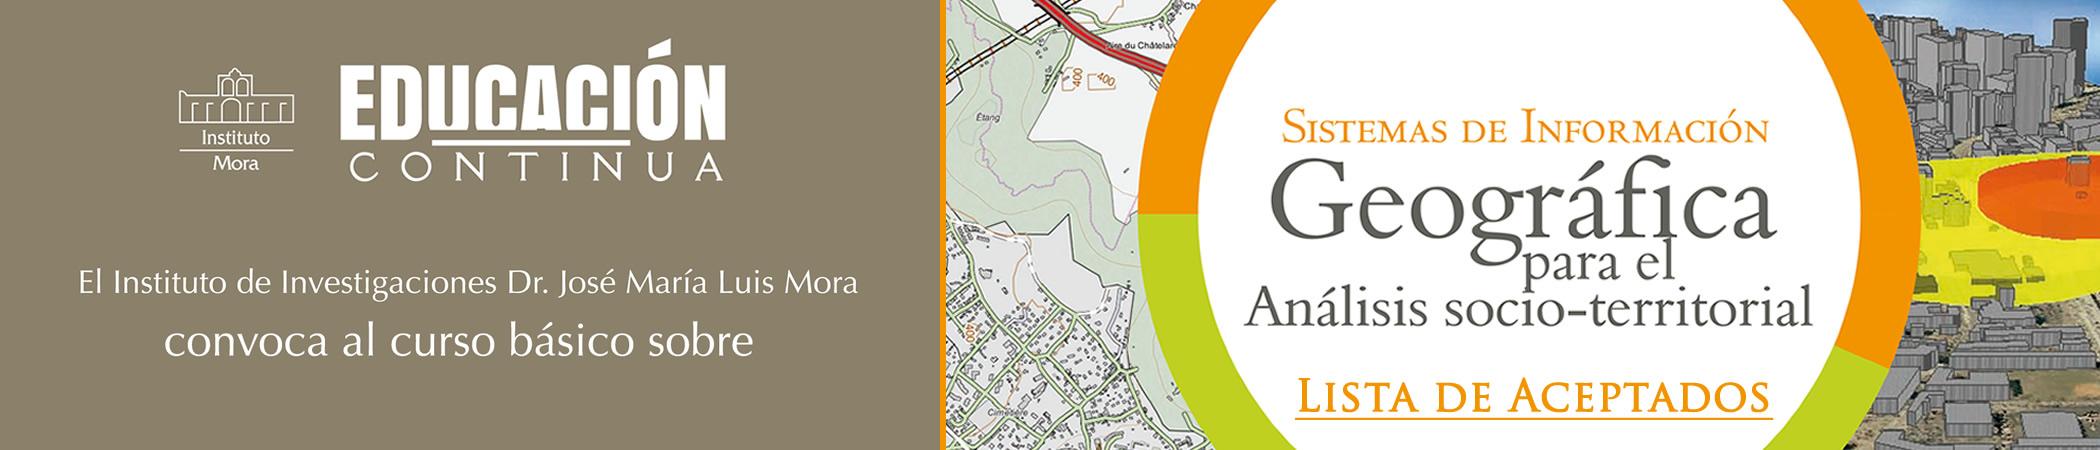 Sistemas de información geográfica para el Análisis socio-territorial